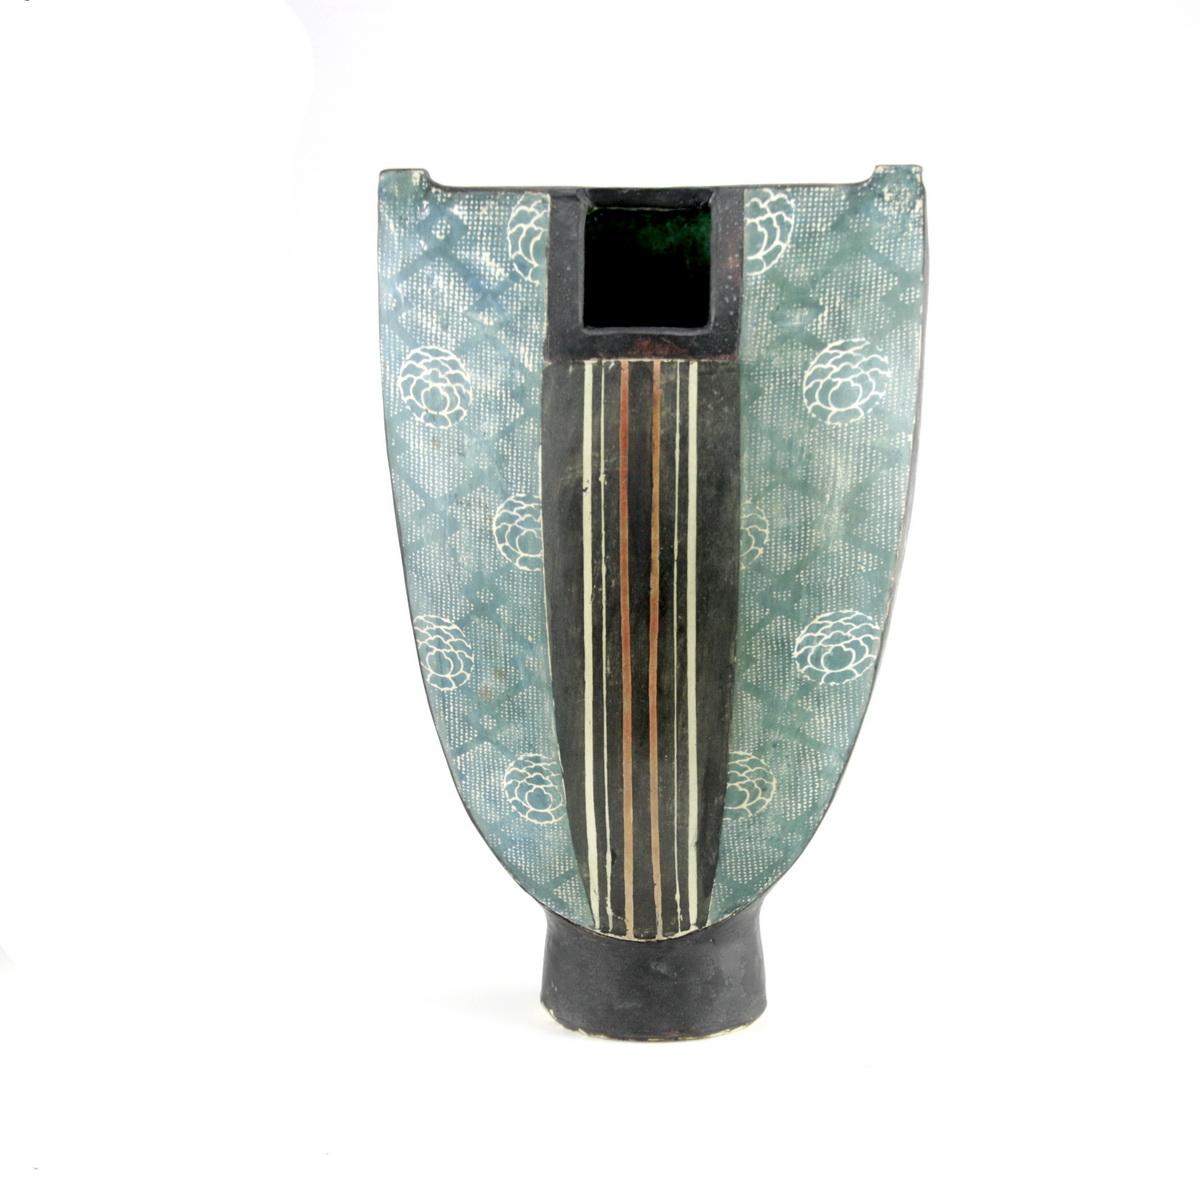 Pot in kimono 4 - 34x21cm - P18 SOLD